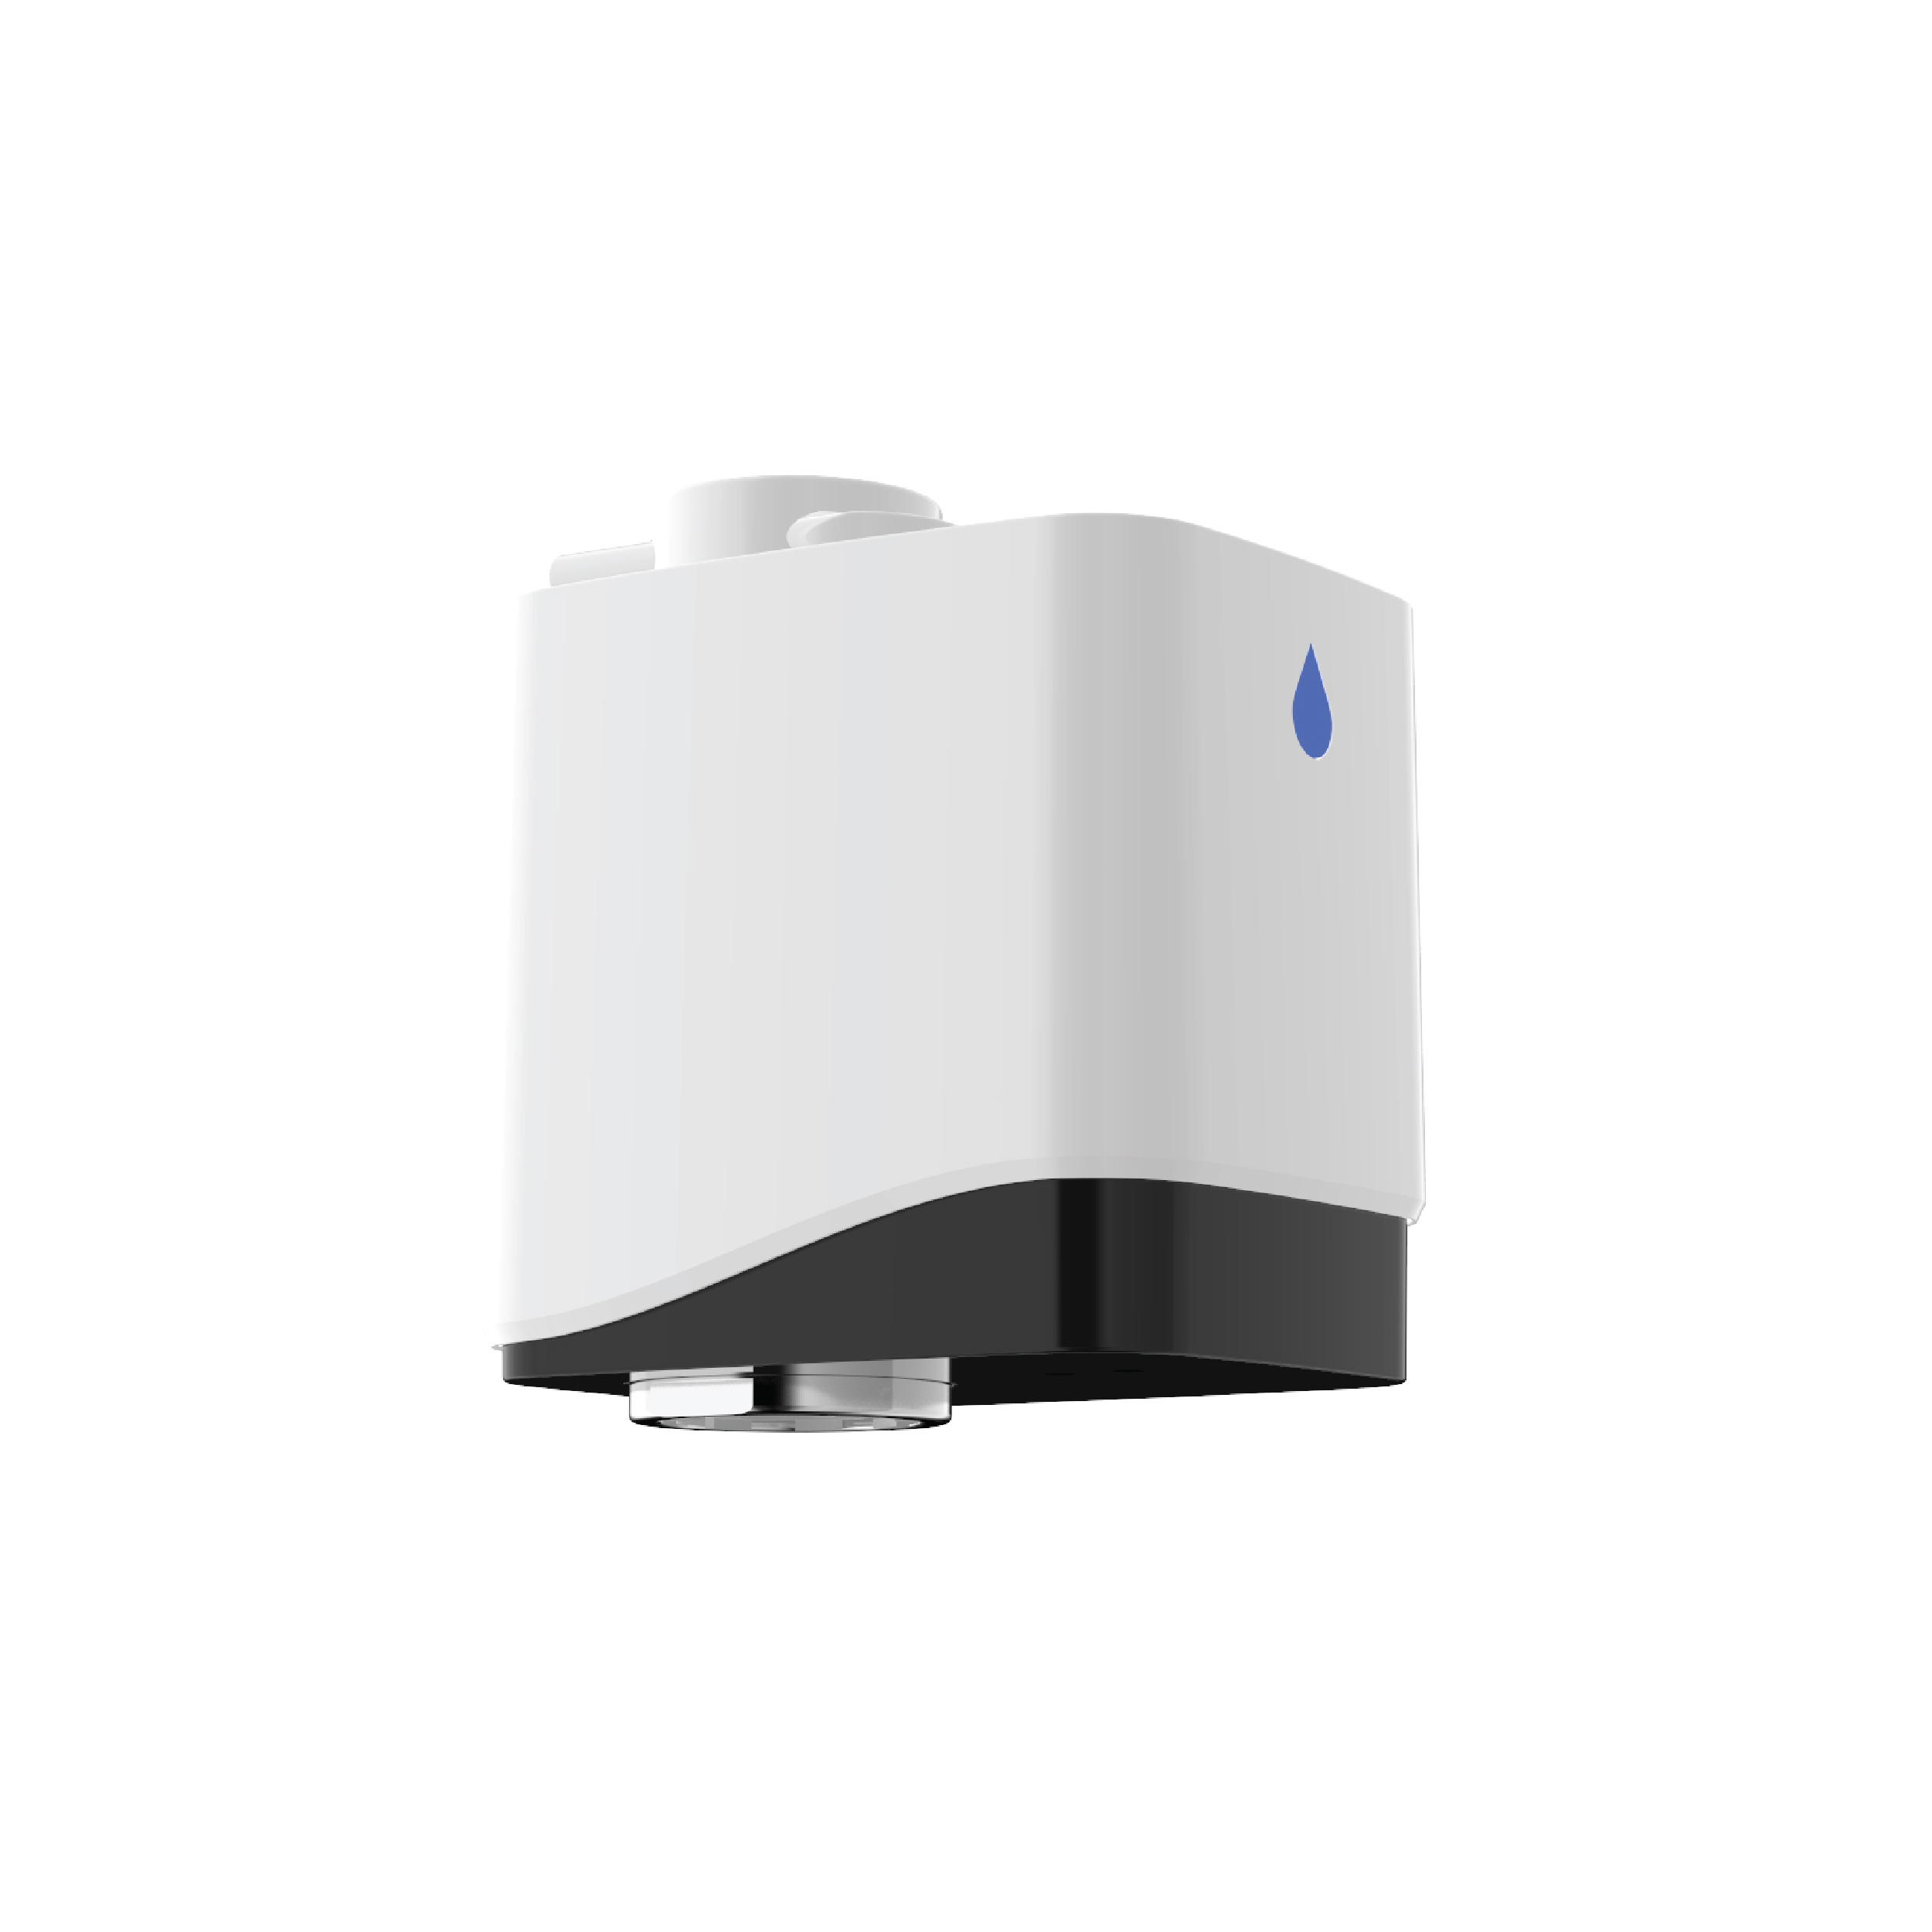 Autowater Lite - 非接觸式智能感應色溫監察水龍頭